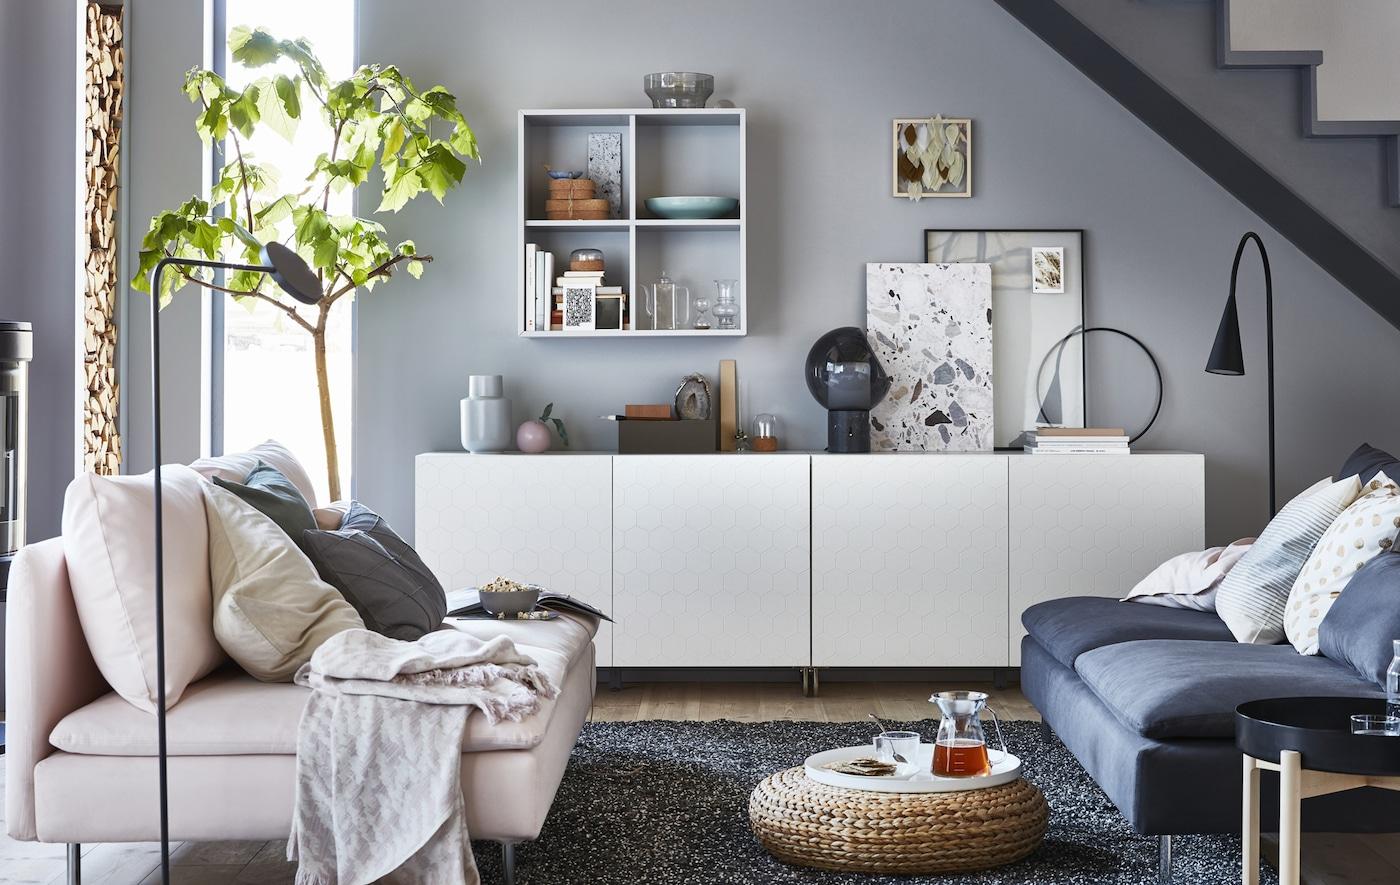 Siva i bijela dnevna soba s niskim jedinicama za odlaganje.